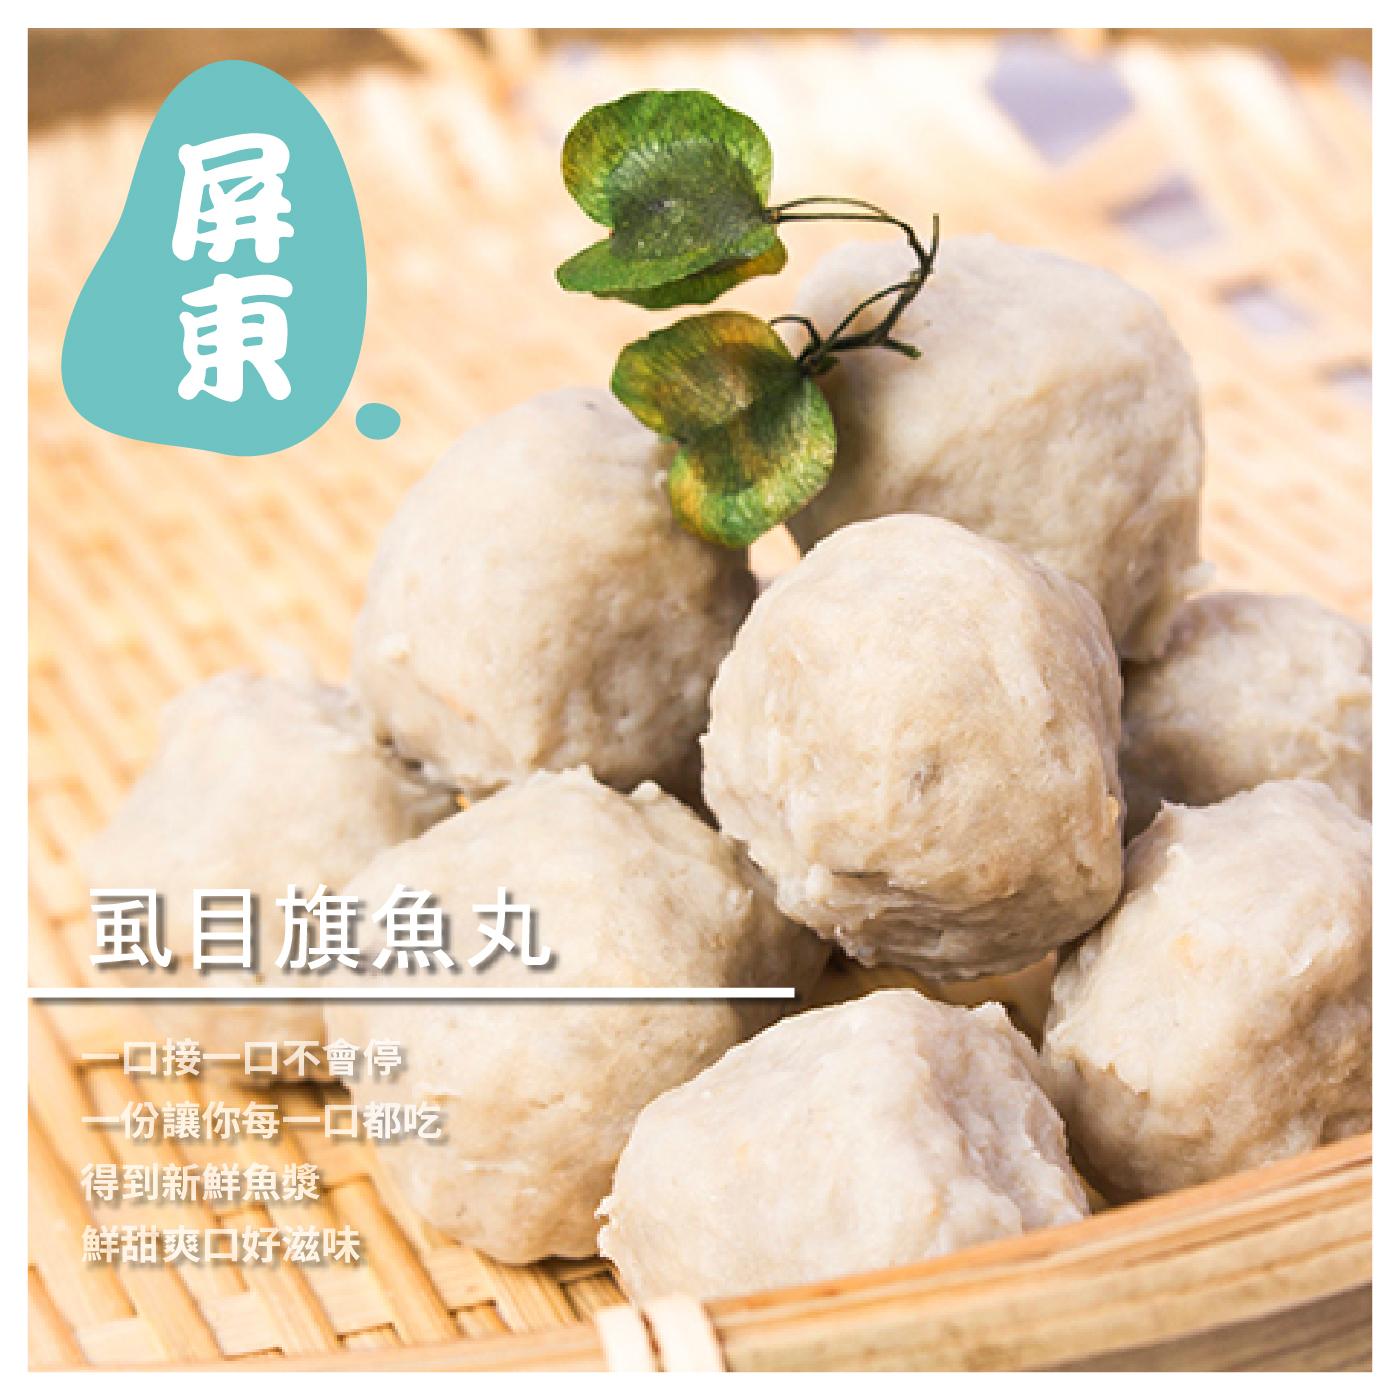 【娘管麵】虱目旗魚丸 / 600g / 包